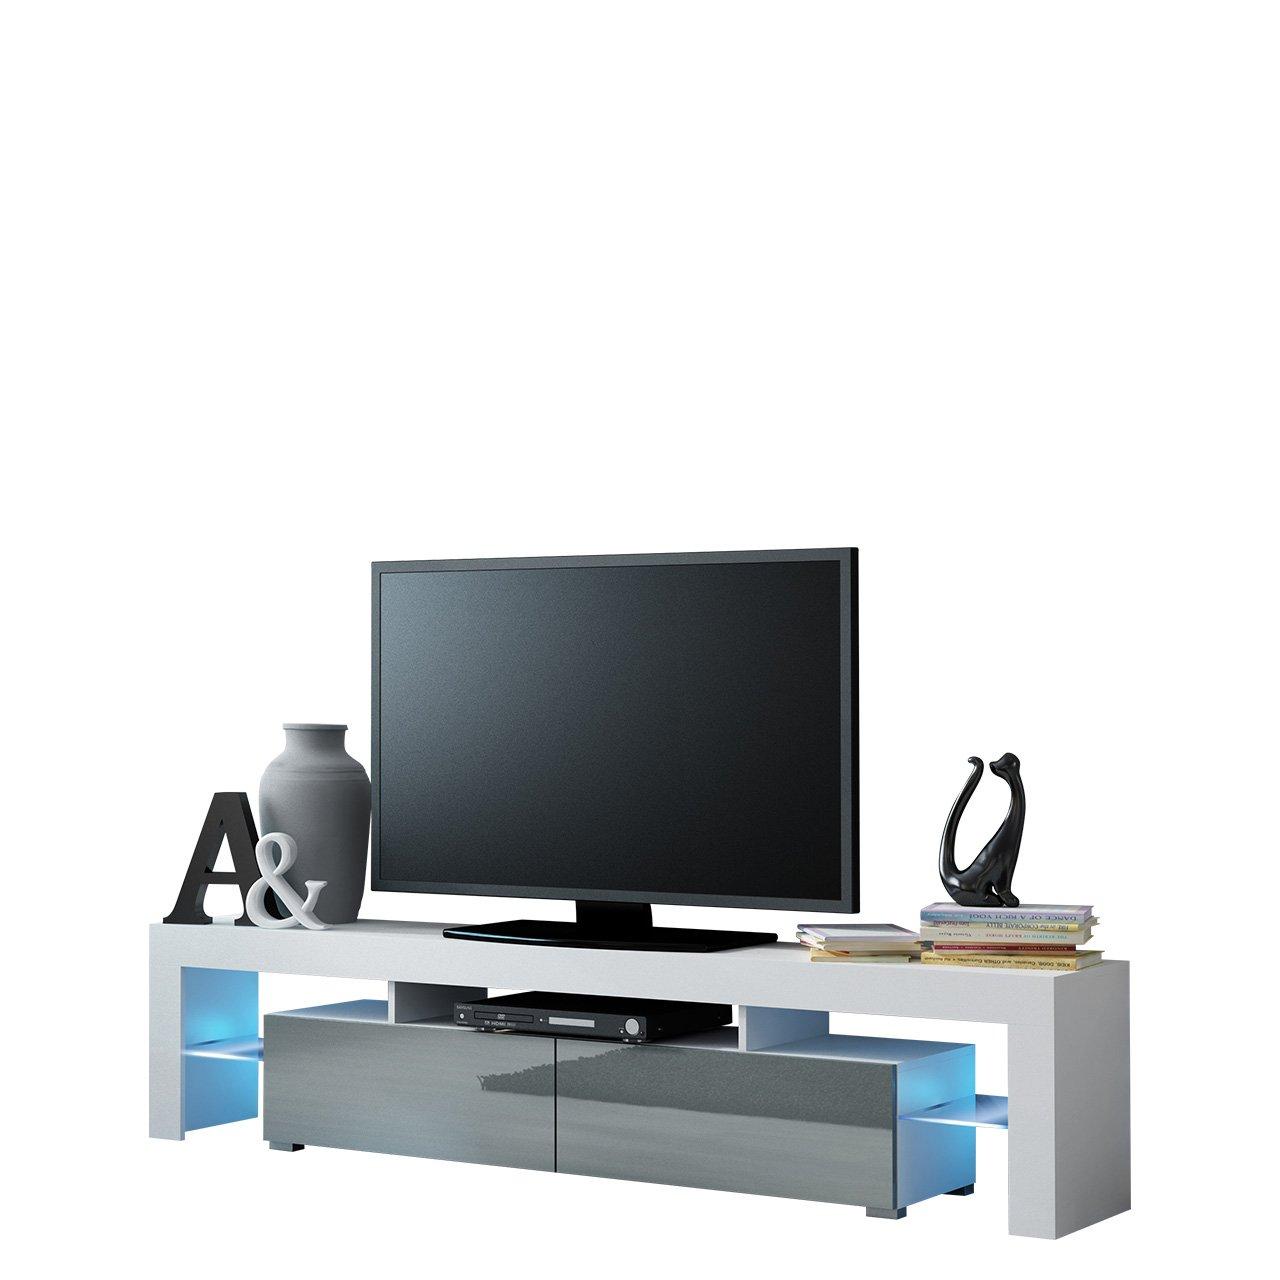 Mirjan24  TV Schrank Solo, Unterschrank mit LED, Fernsehschrank, TV Lowboard mit Grifflose Öffnen, Hochglanz Matt Wohnwand (mit Blauer LED Beleuchtung, Weiß Matt/Grau Hochglanz)